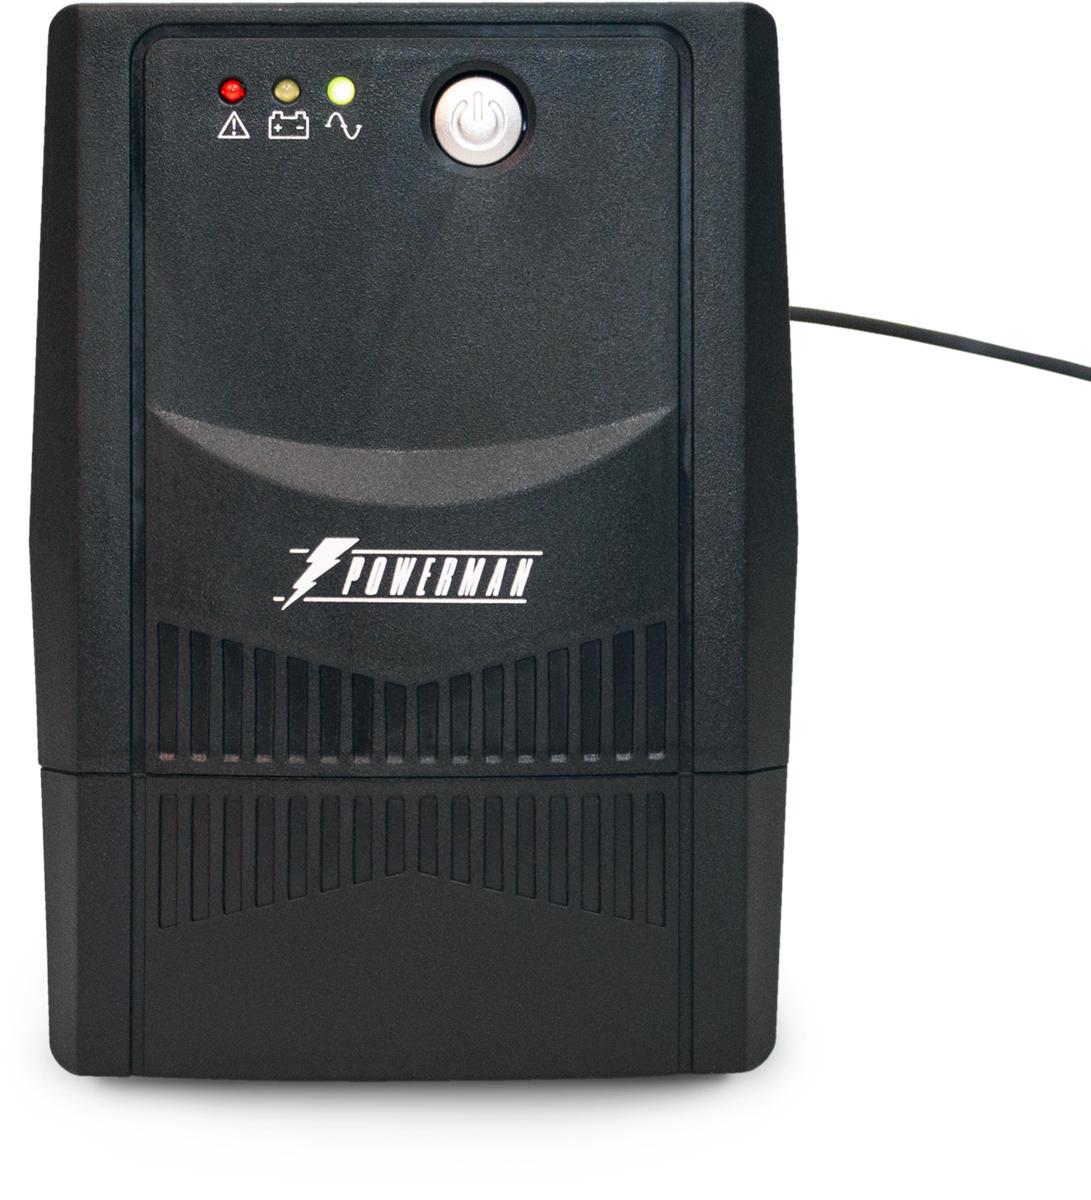 Источник бесперебойного питания Powerman UPS Вack Pro 600 Plus, 600 ВА источник бесперебойного питания powerman ups вack pro 1000 1000 ва